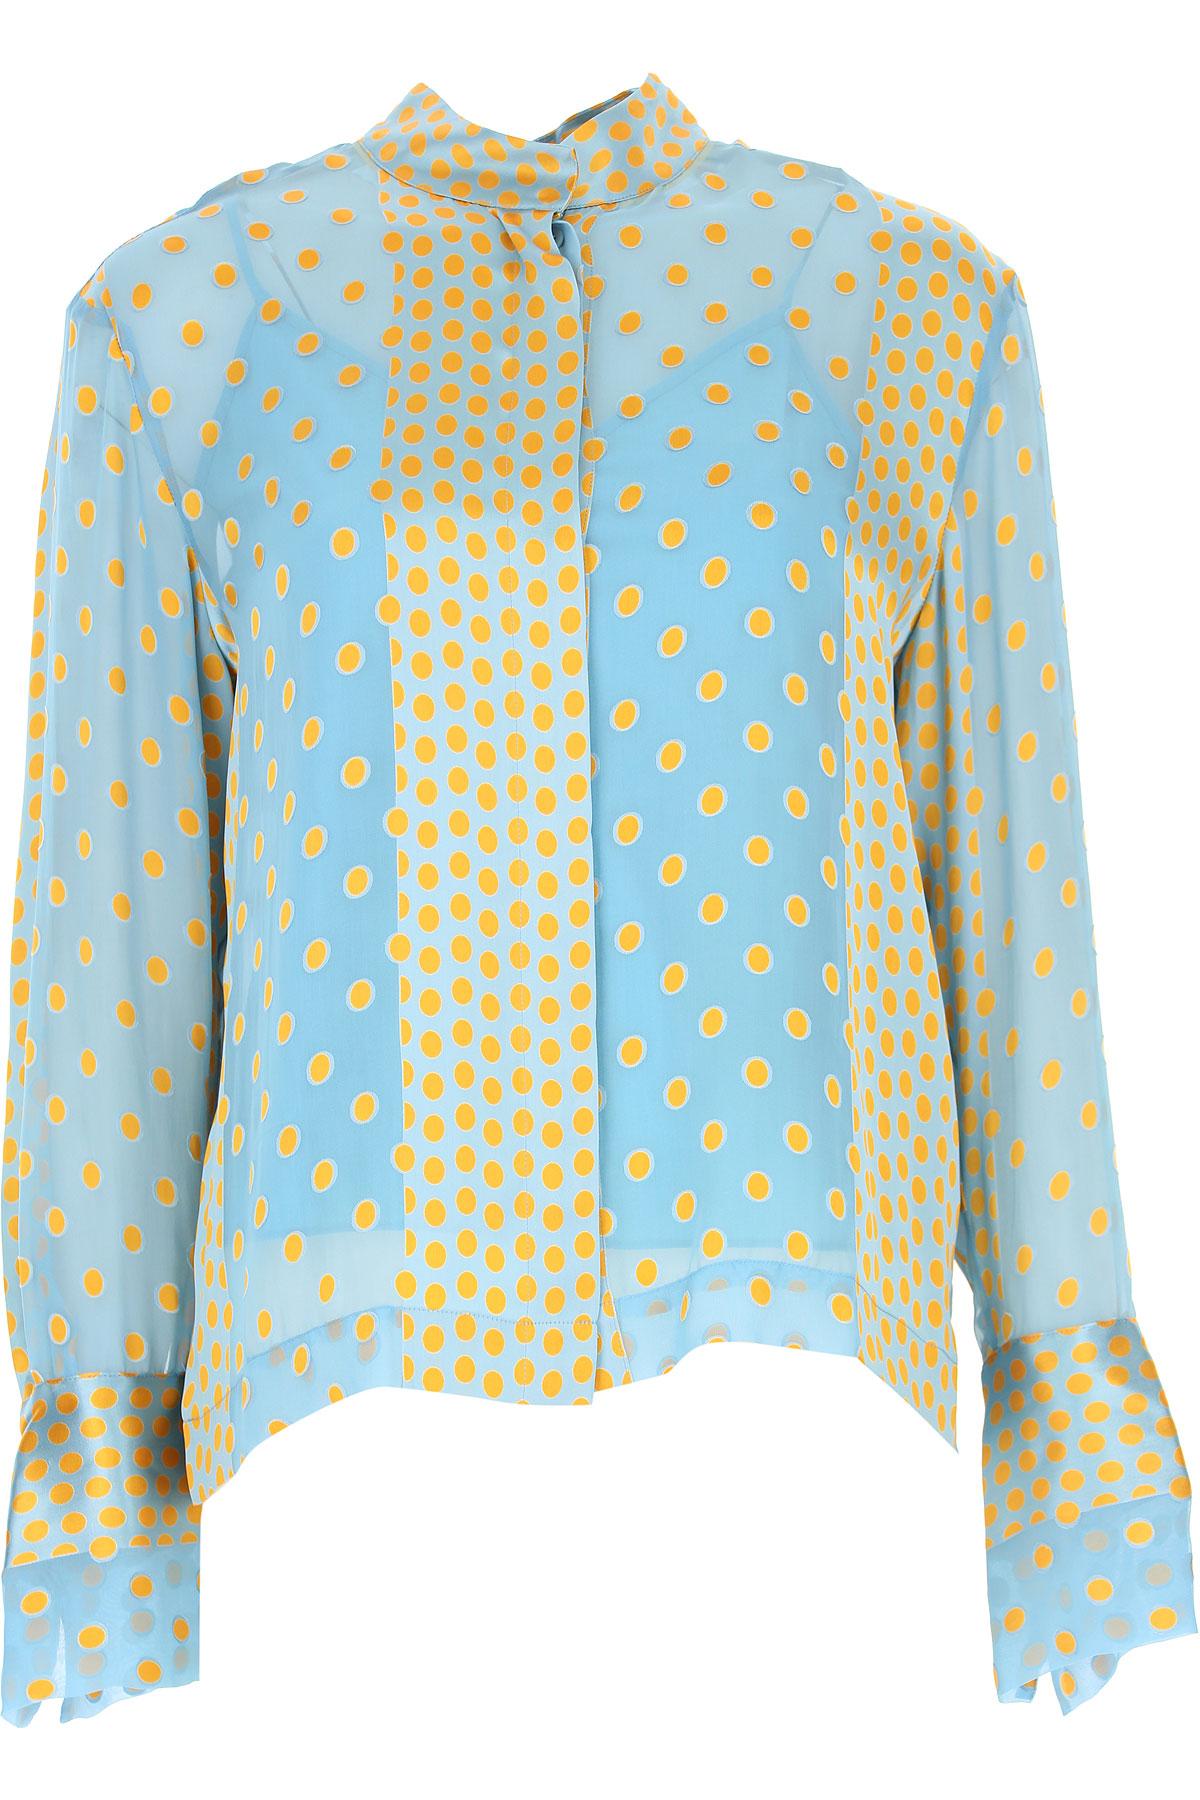 Image of Diane Von Furstenberg Shirt for Women, Pacific Blue, Silk, 2017, USA 4 - IT 40 USA 6 - IT 42